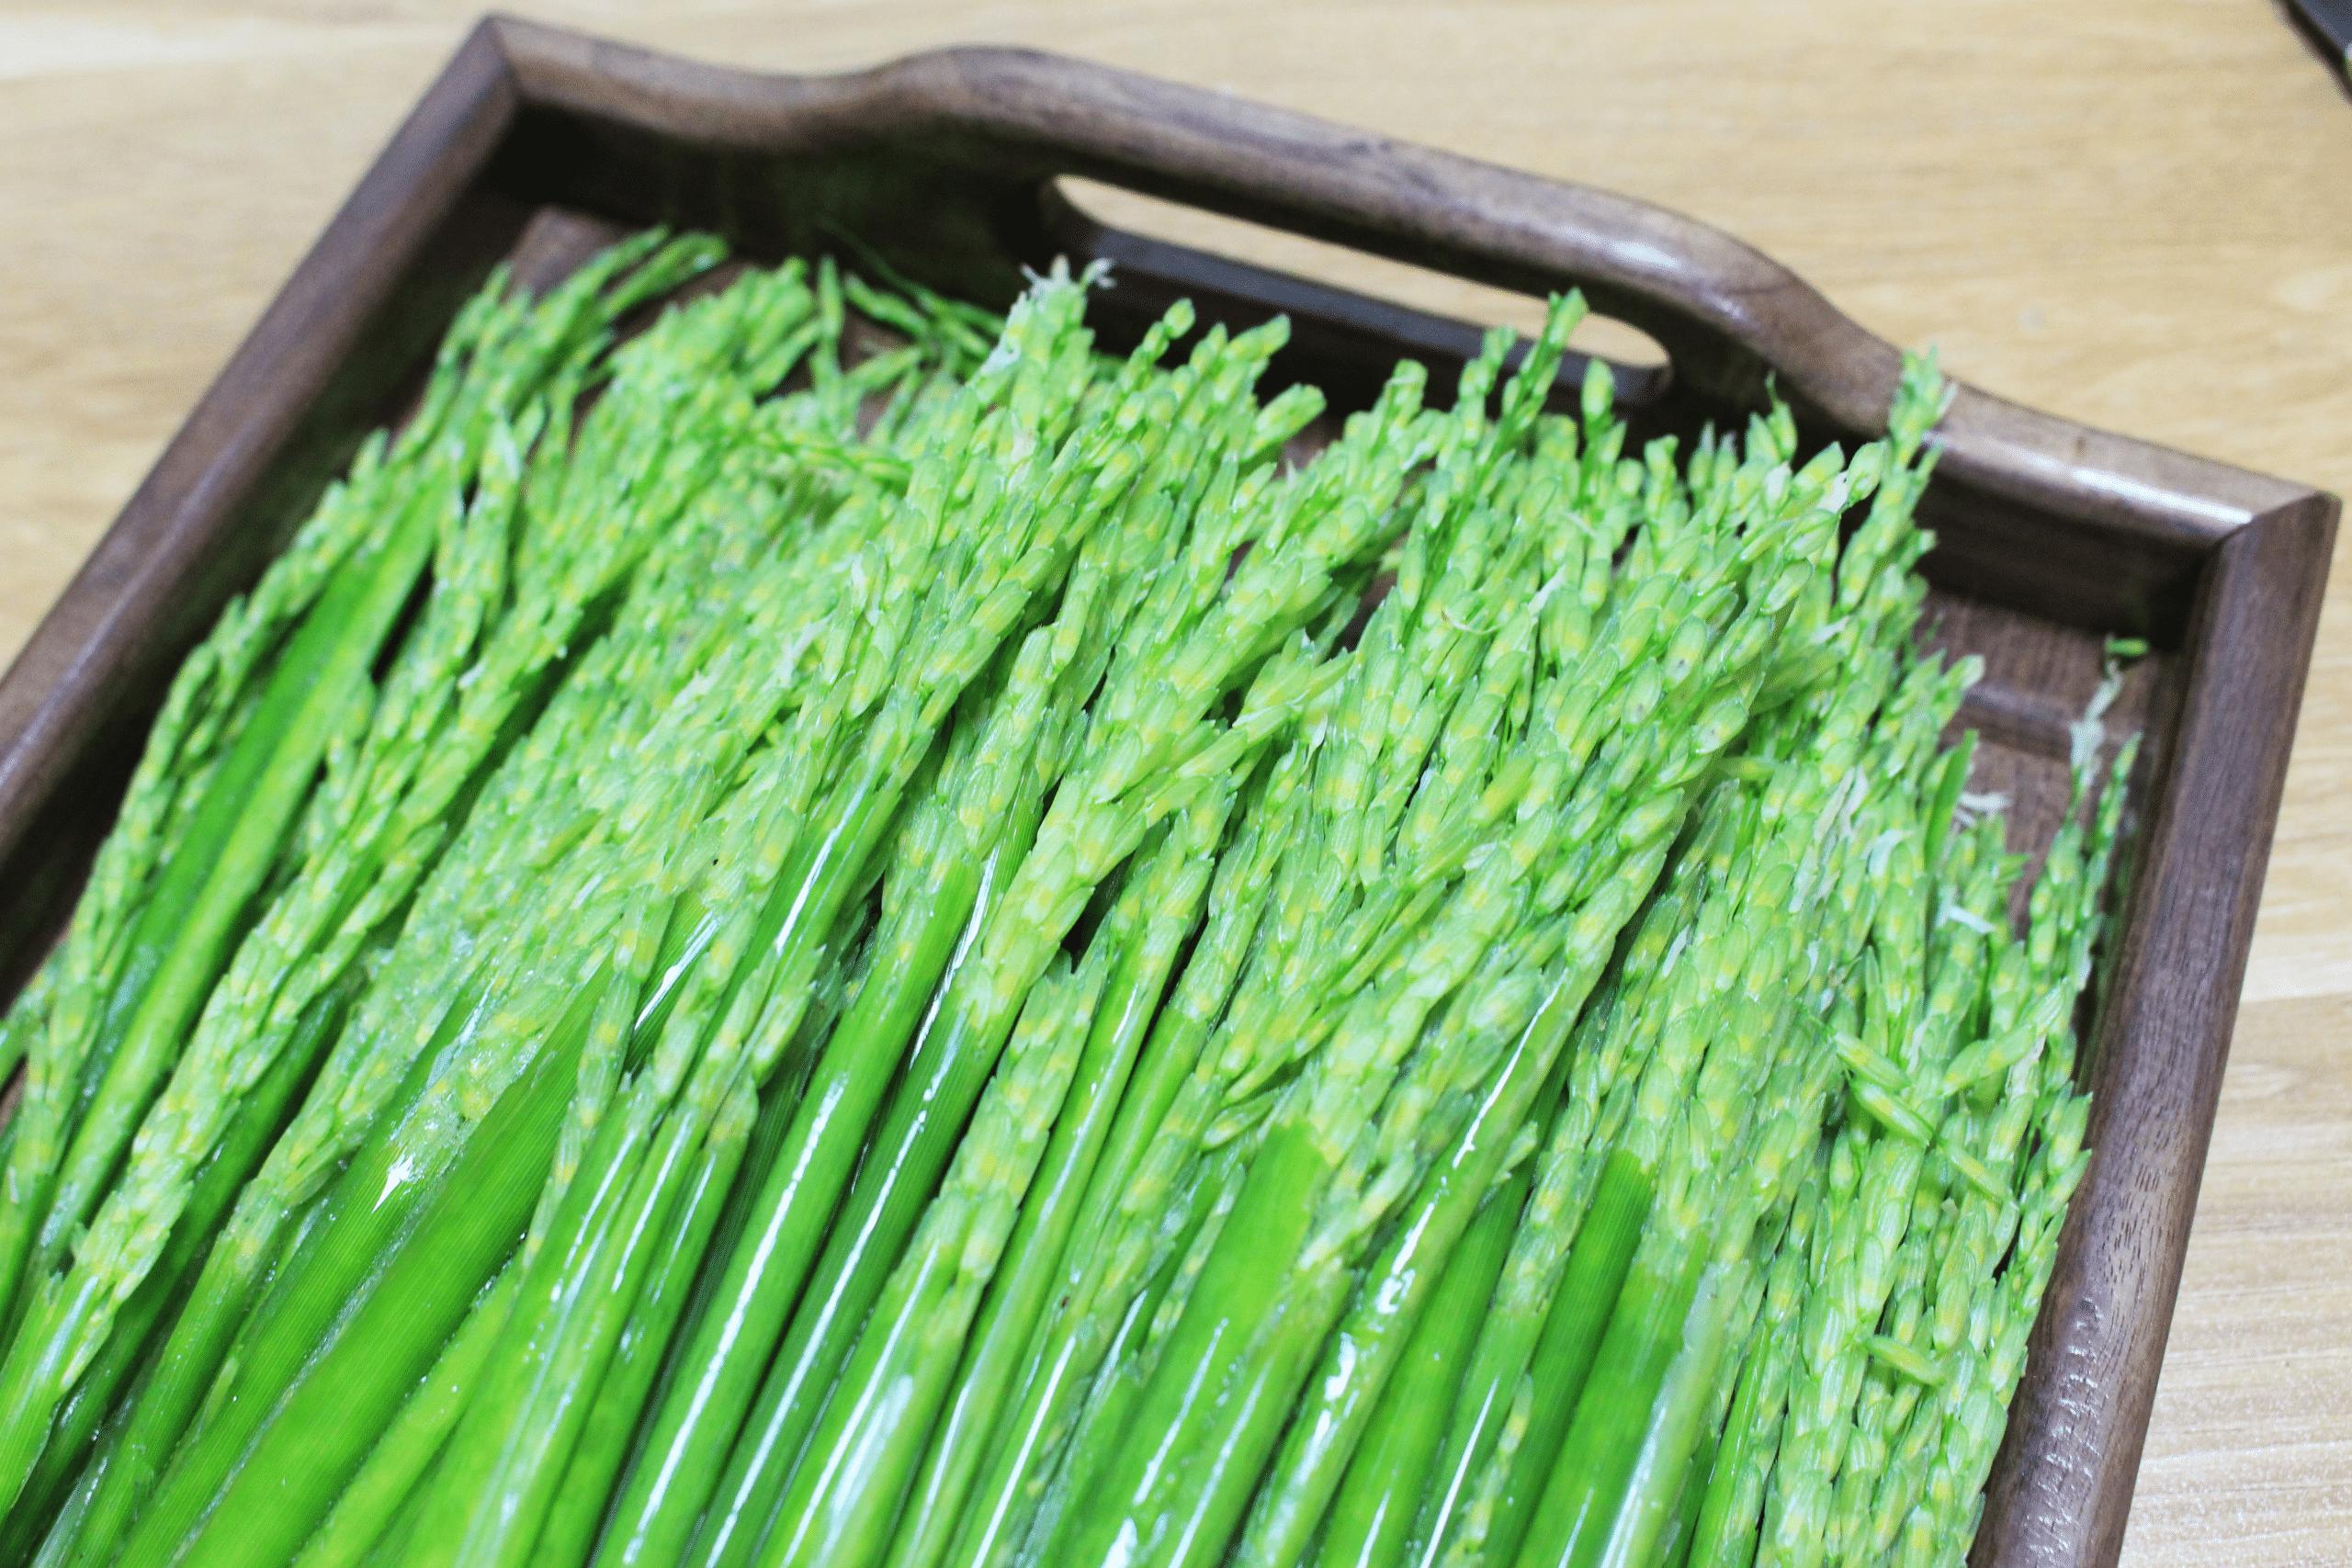 1000g đòng đòng lúa nếp hương có túi hút chân không 8